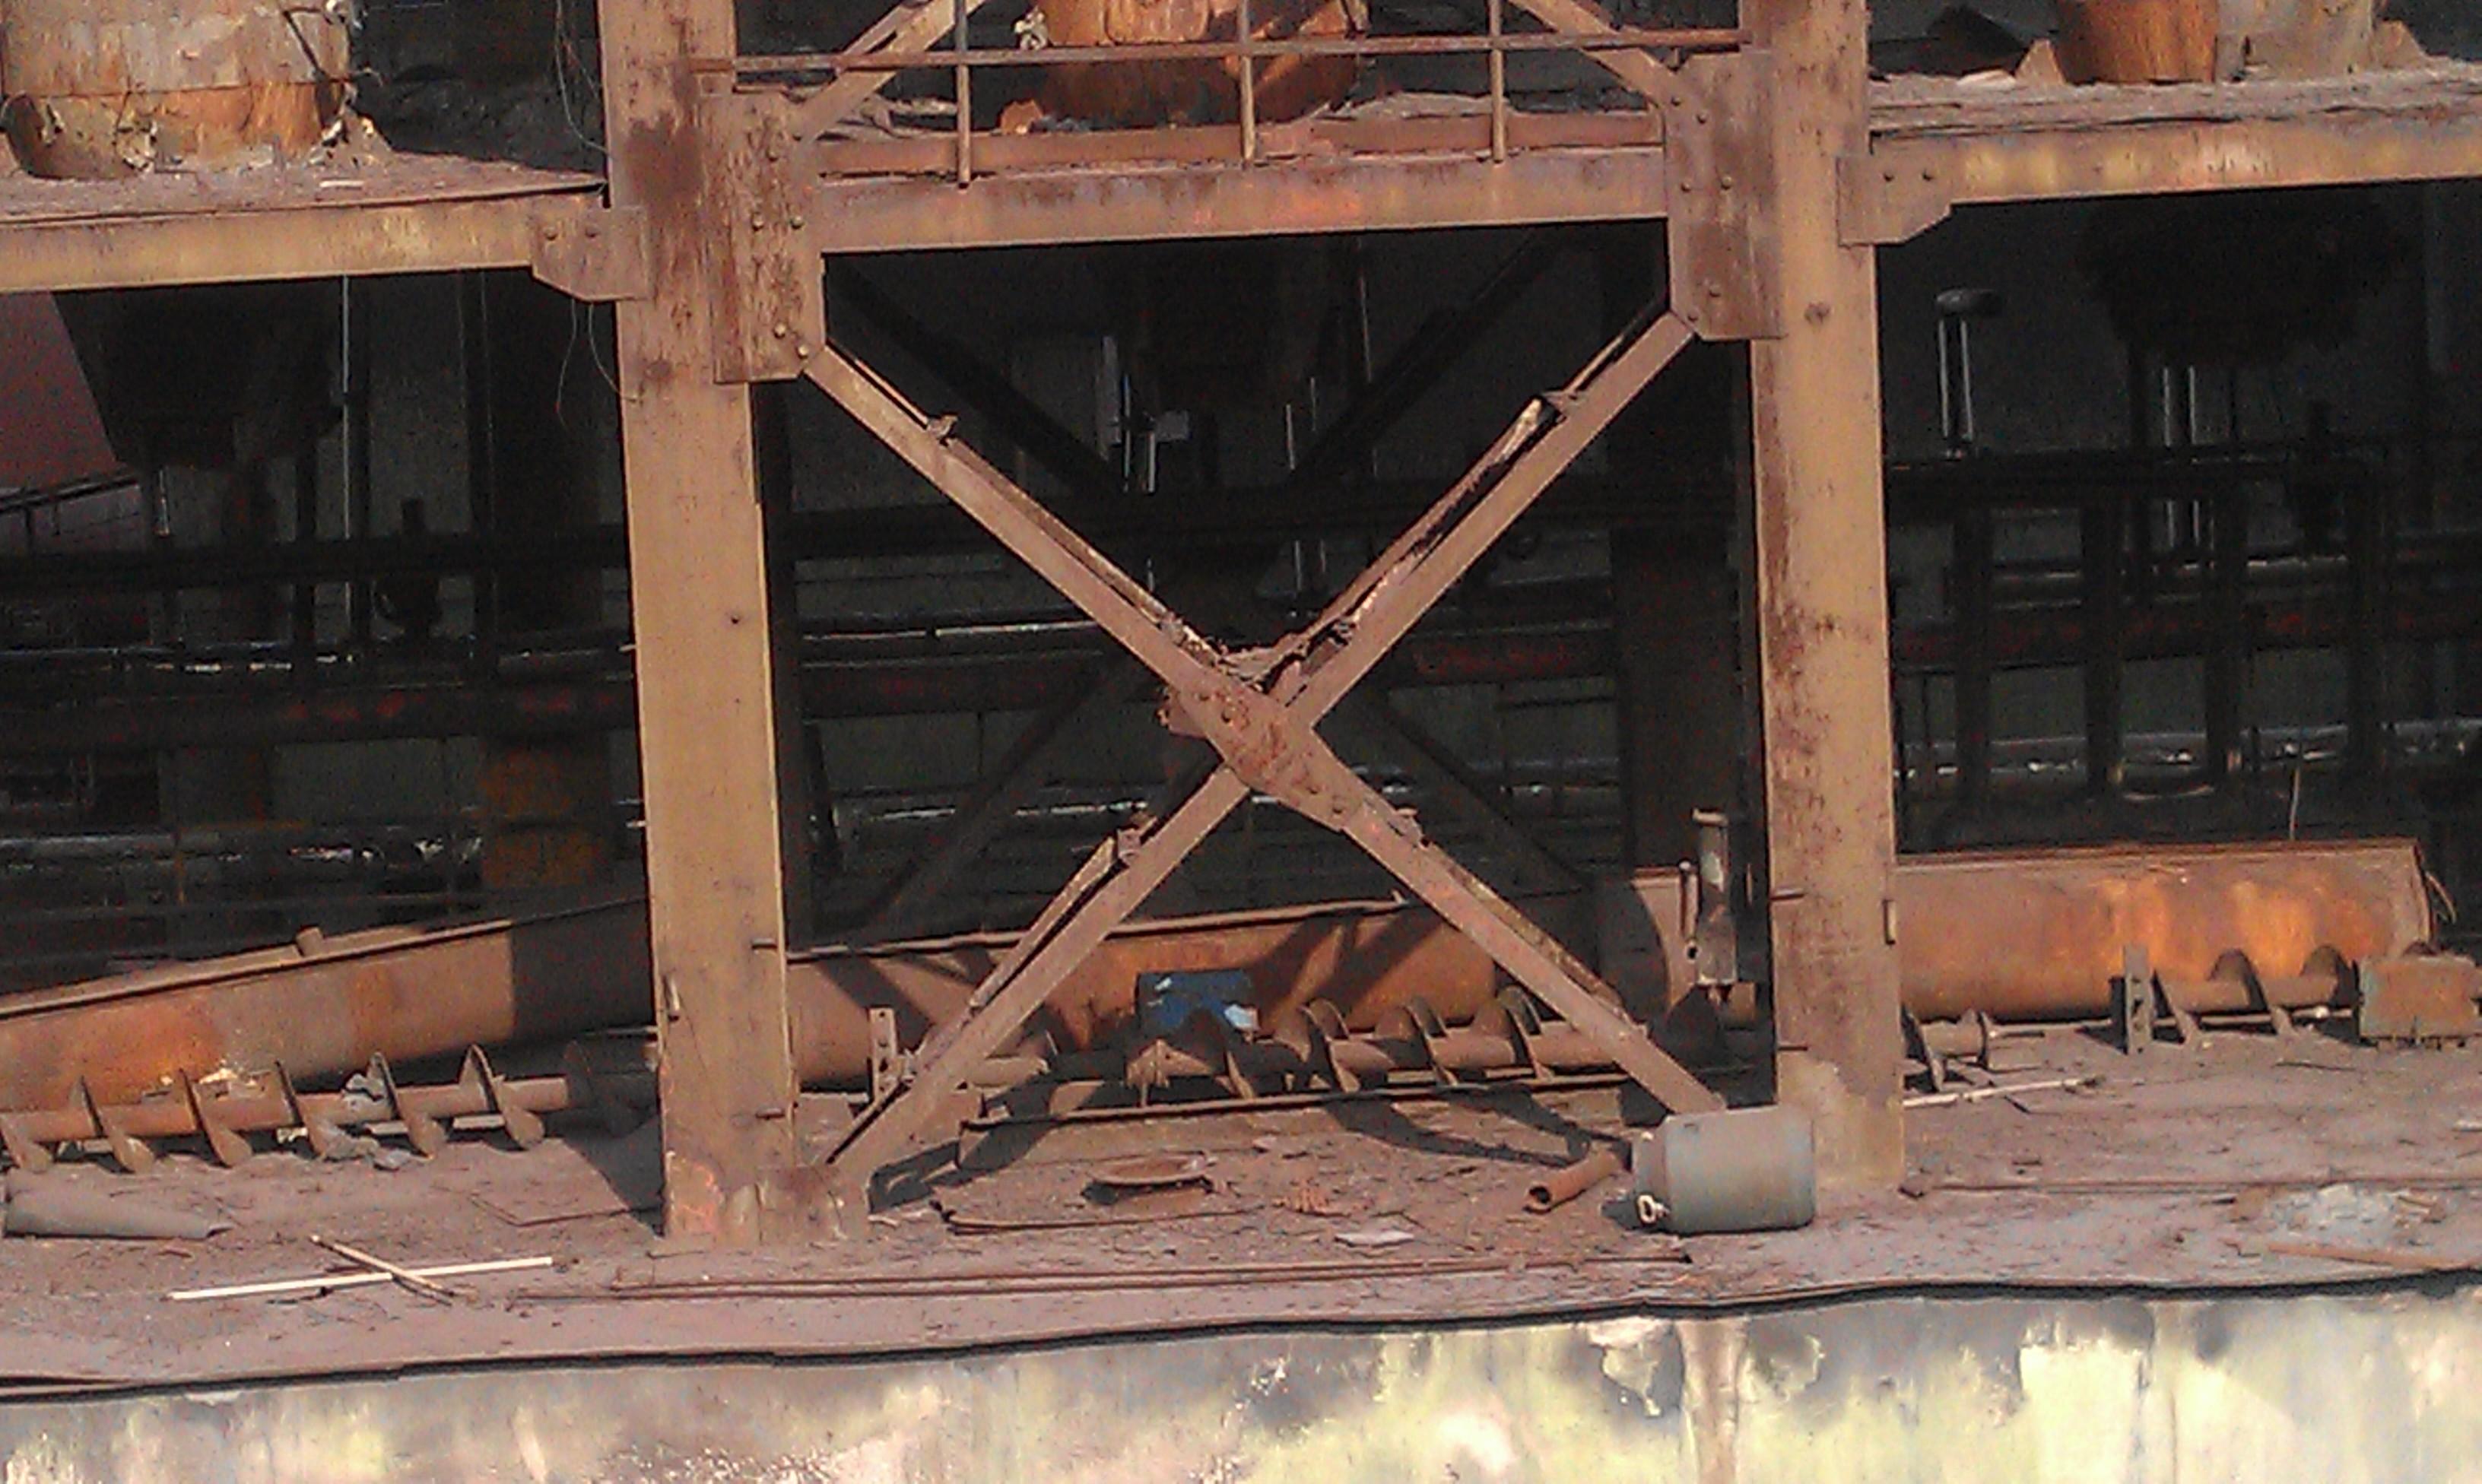 除尘器钢架带底部砌体结构照片